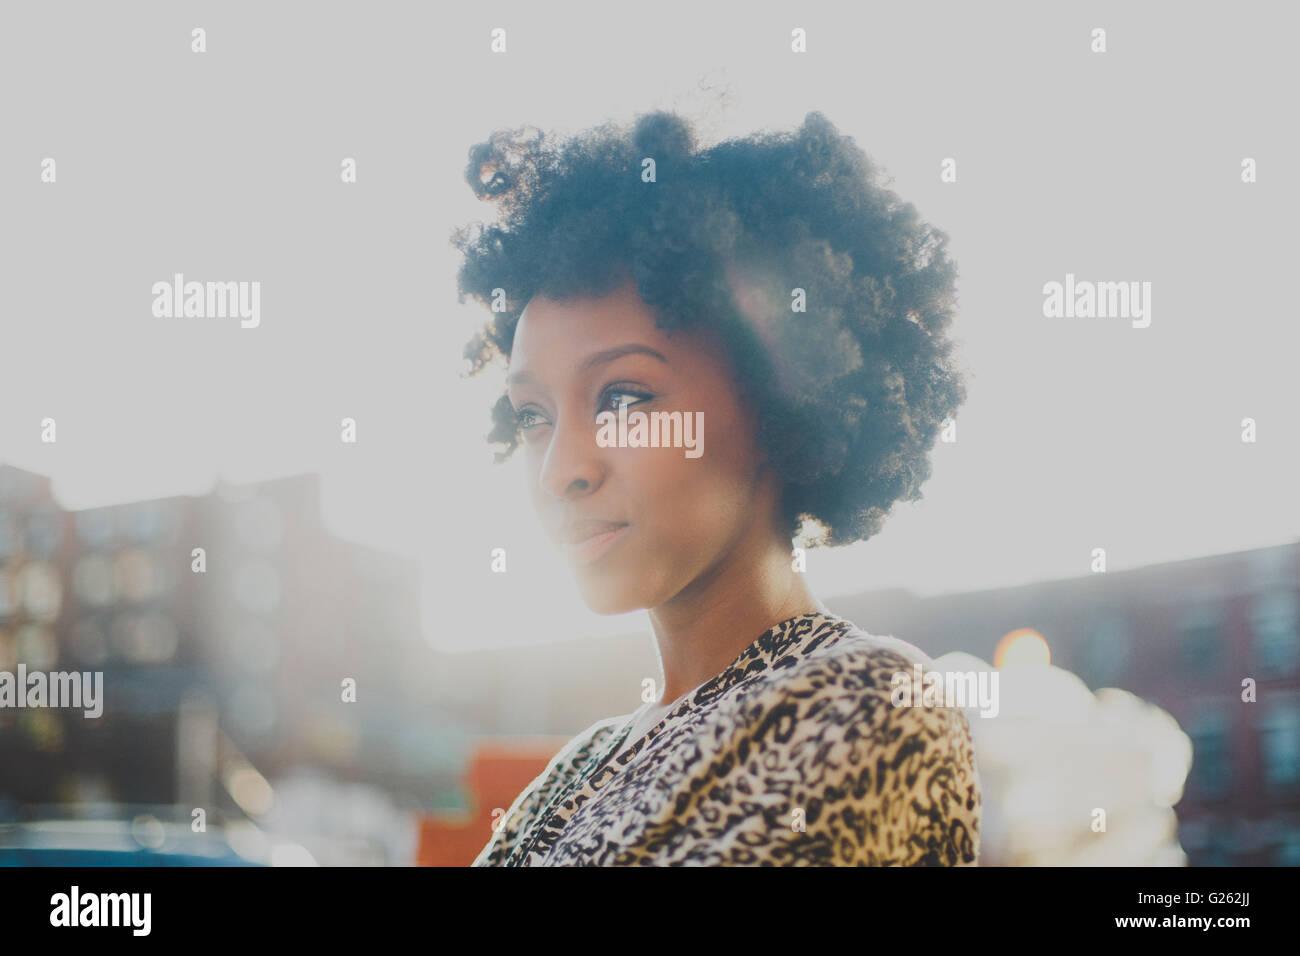 Mujer joven con afro sonriente en medio urbano Imagen De Stock